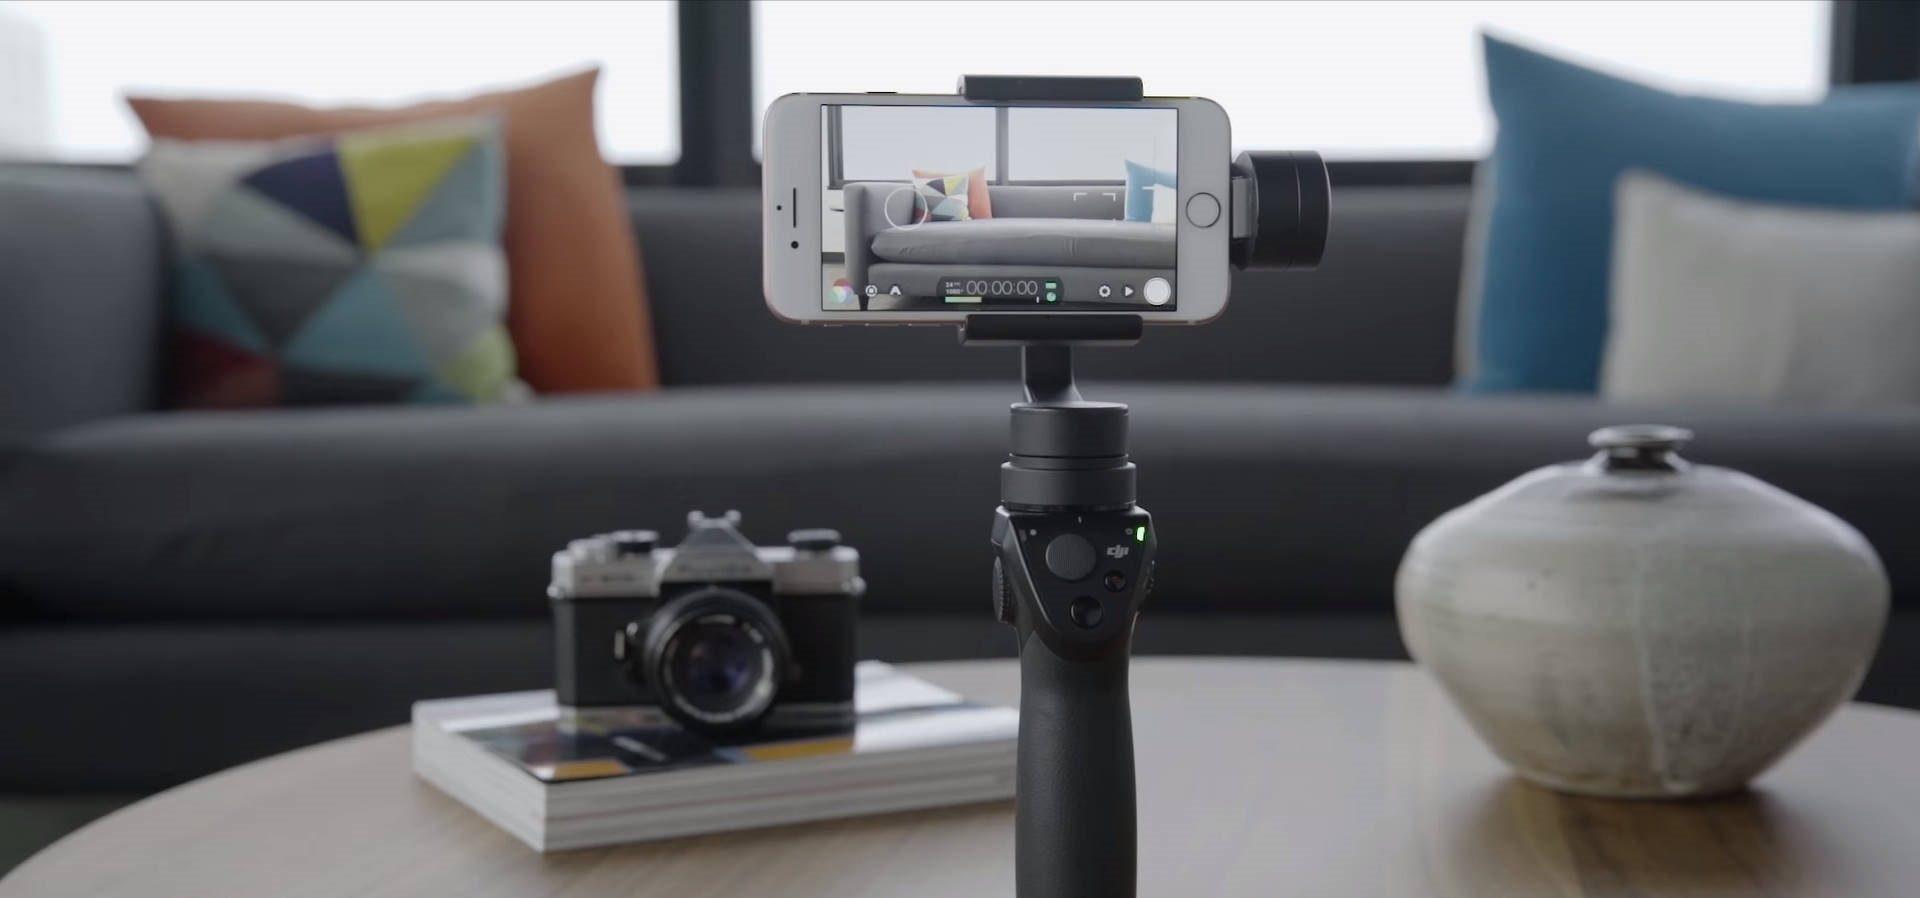 Как настроить разрешение видео на Айфоне